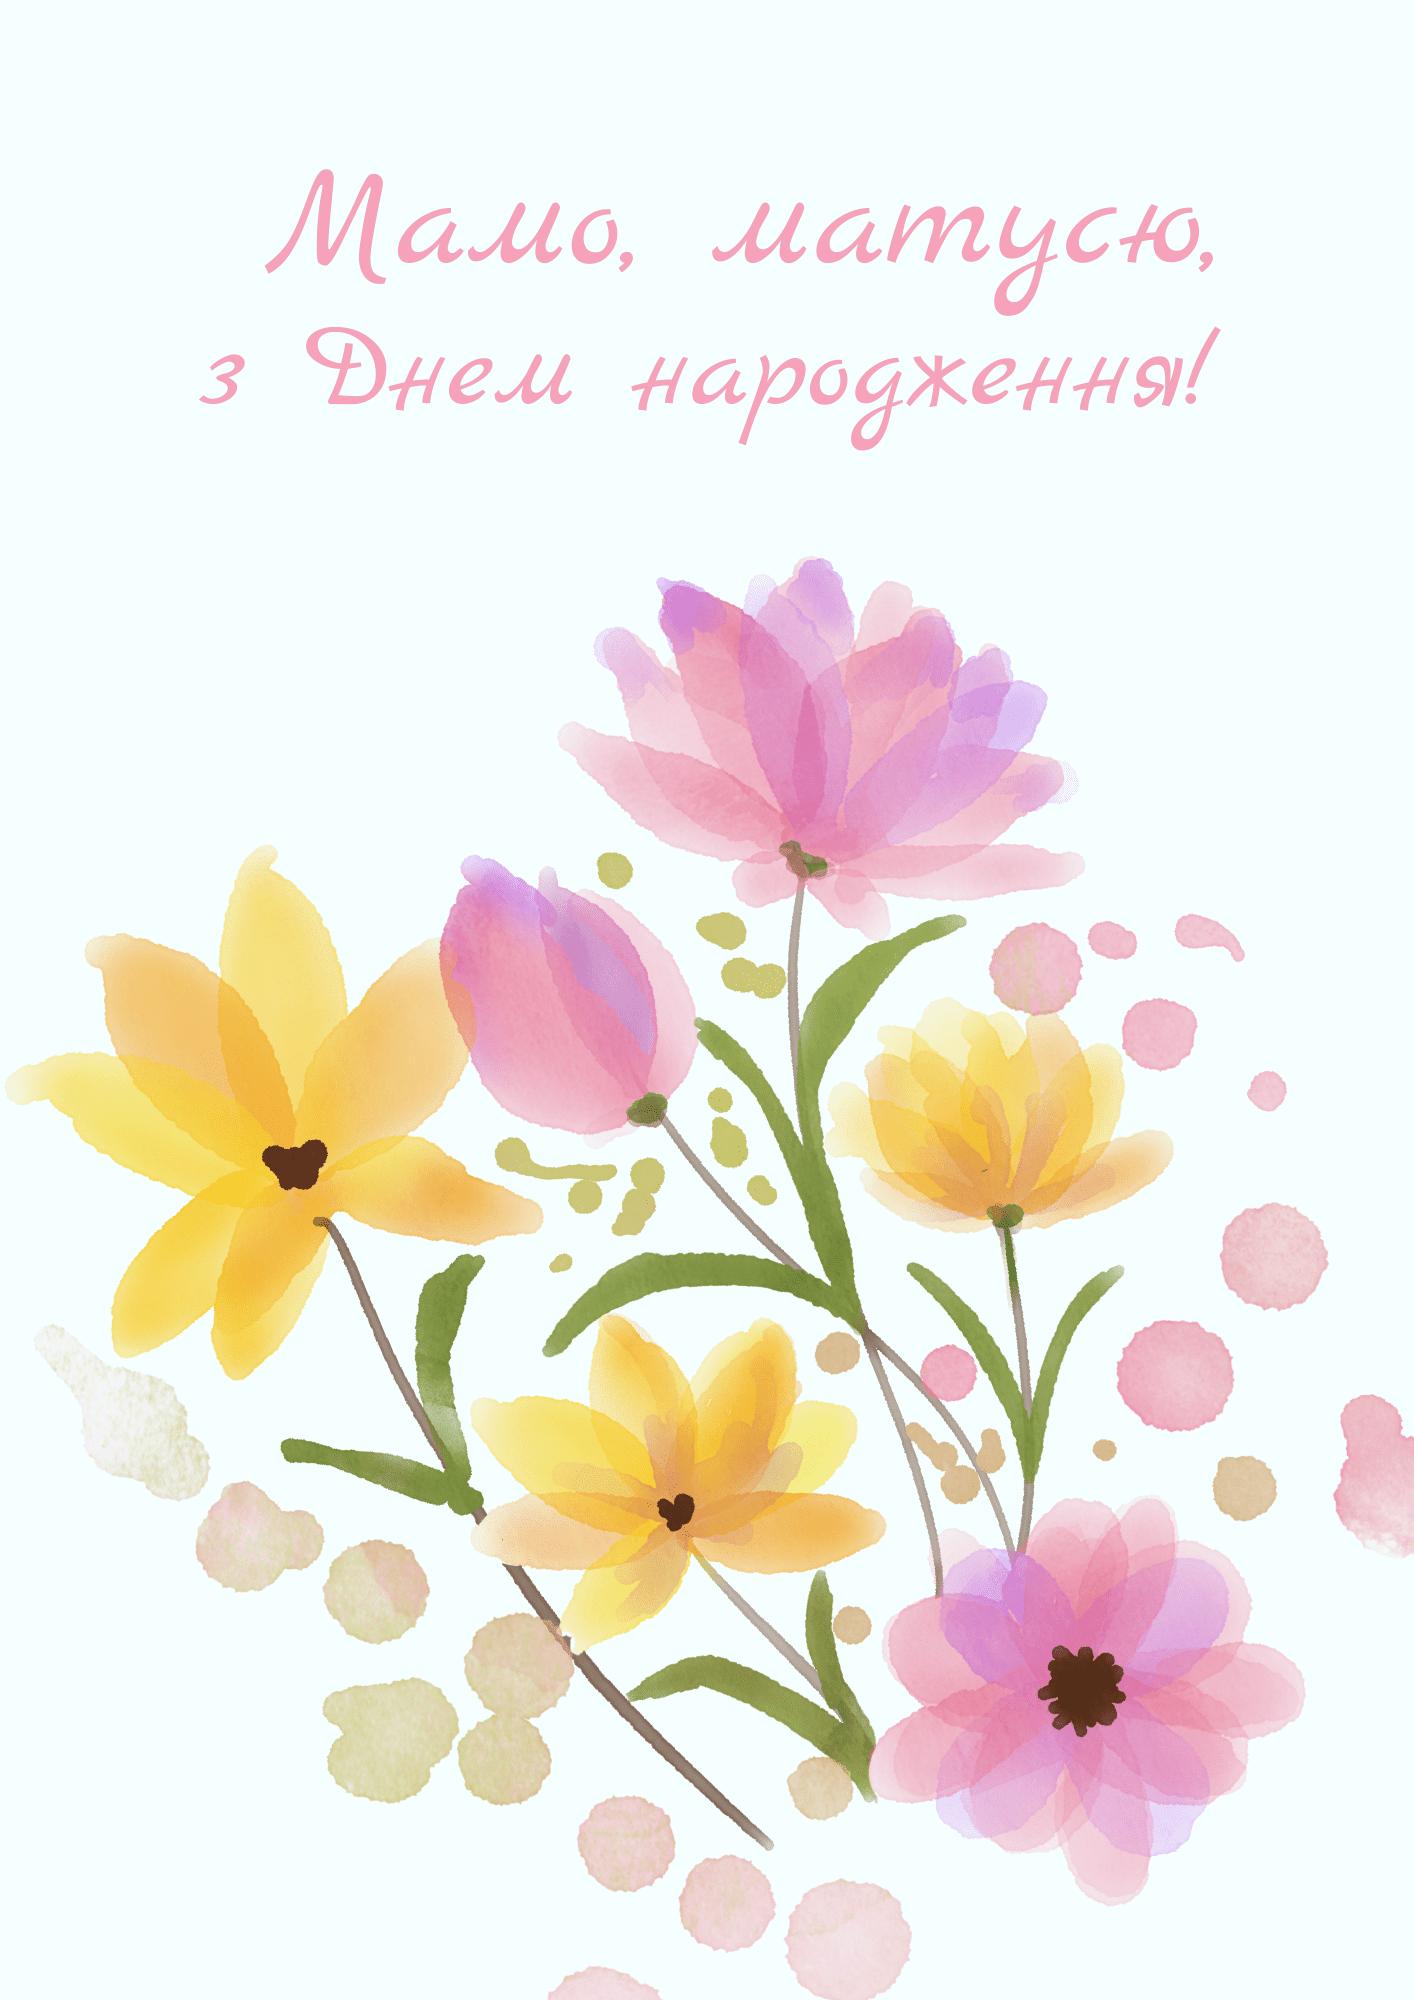 Листівка з Днем народження мамі